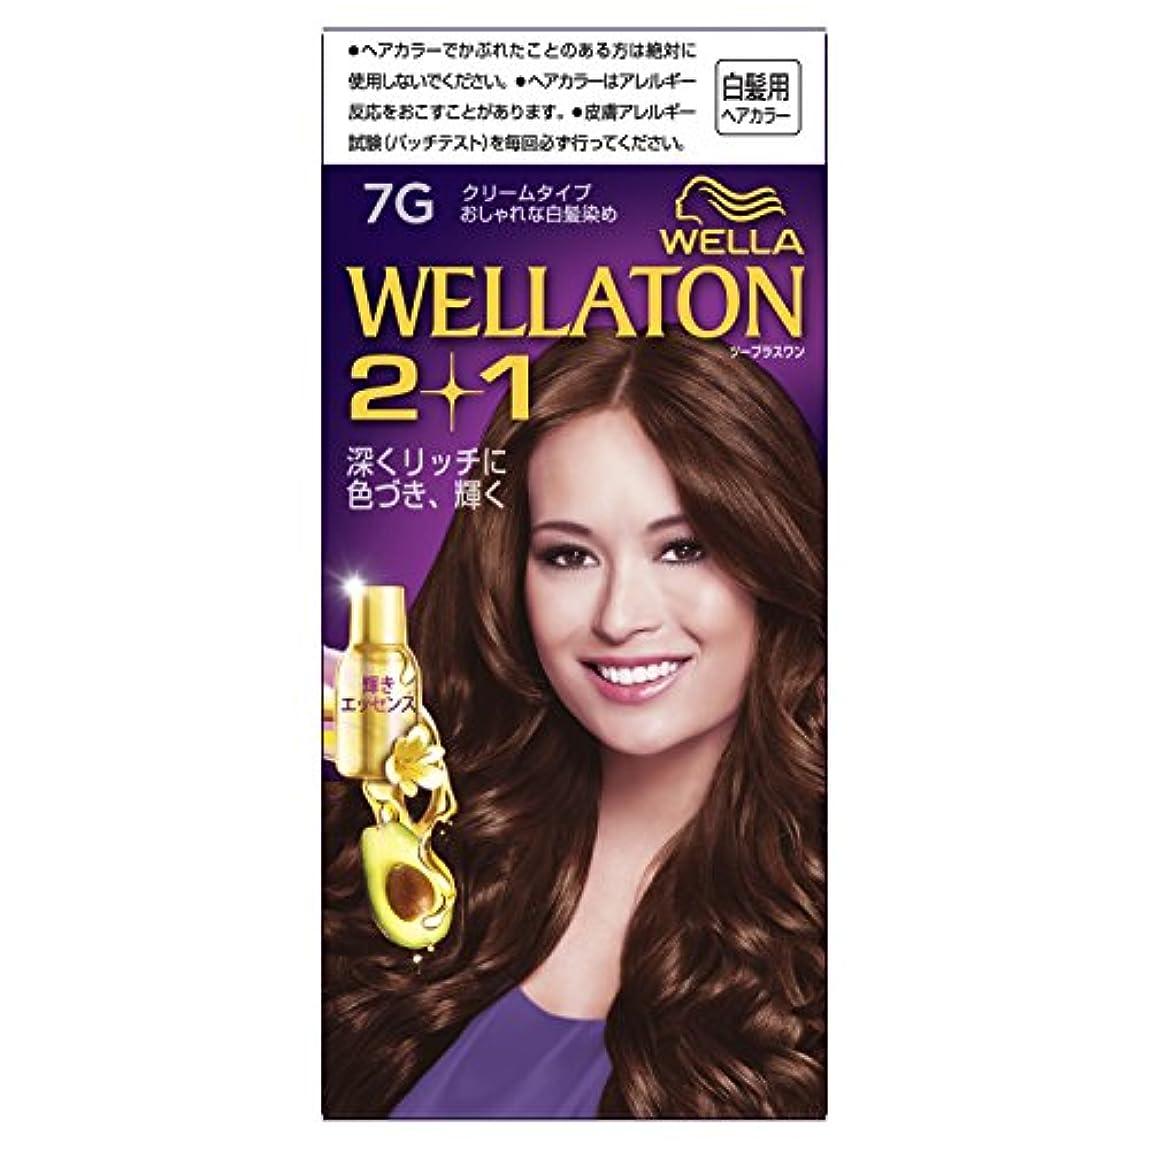 囚人ホラー水を飲むウエラトーン2+1 クリームタイプ 7G [医薬部外品](おしゃれな白髪染め)